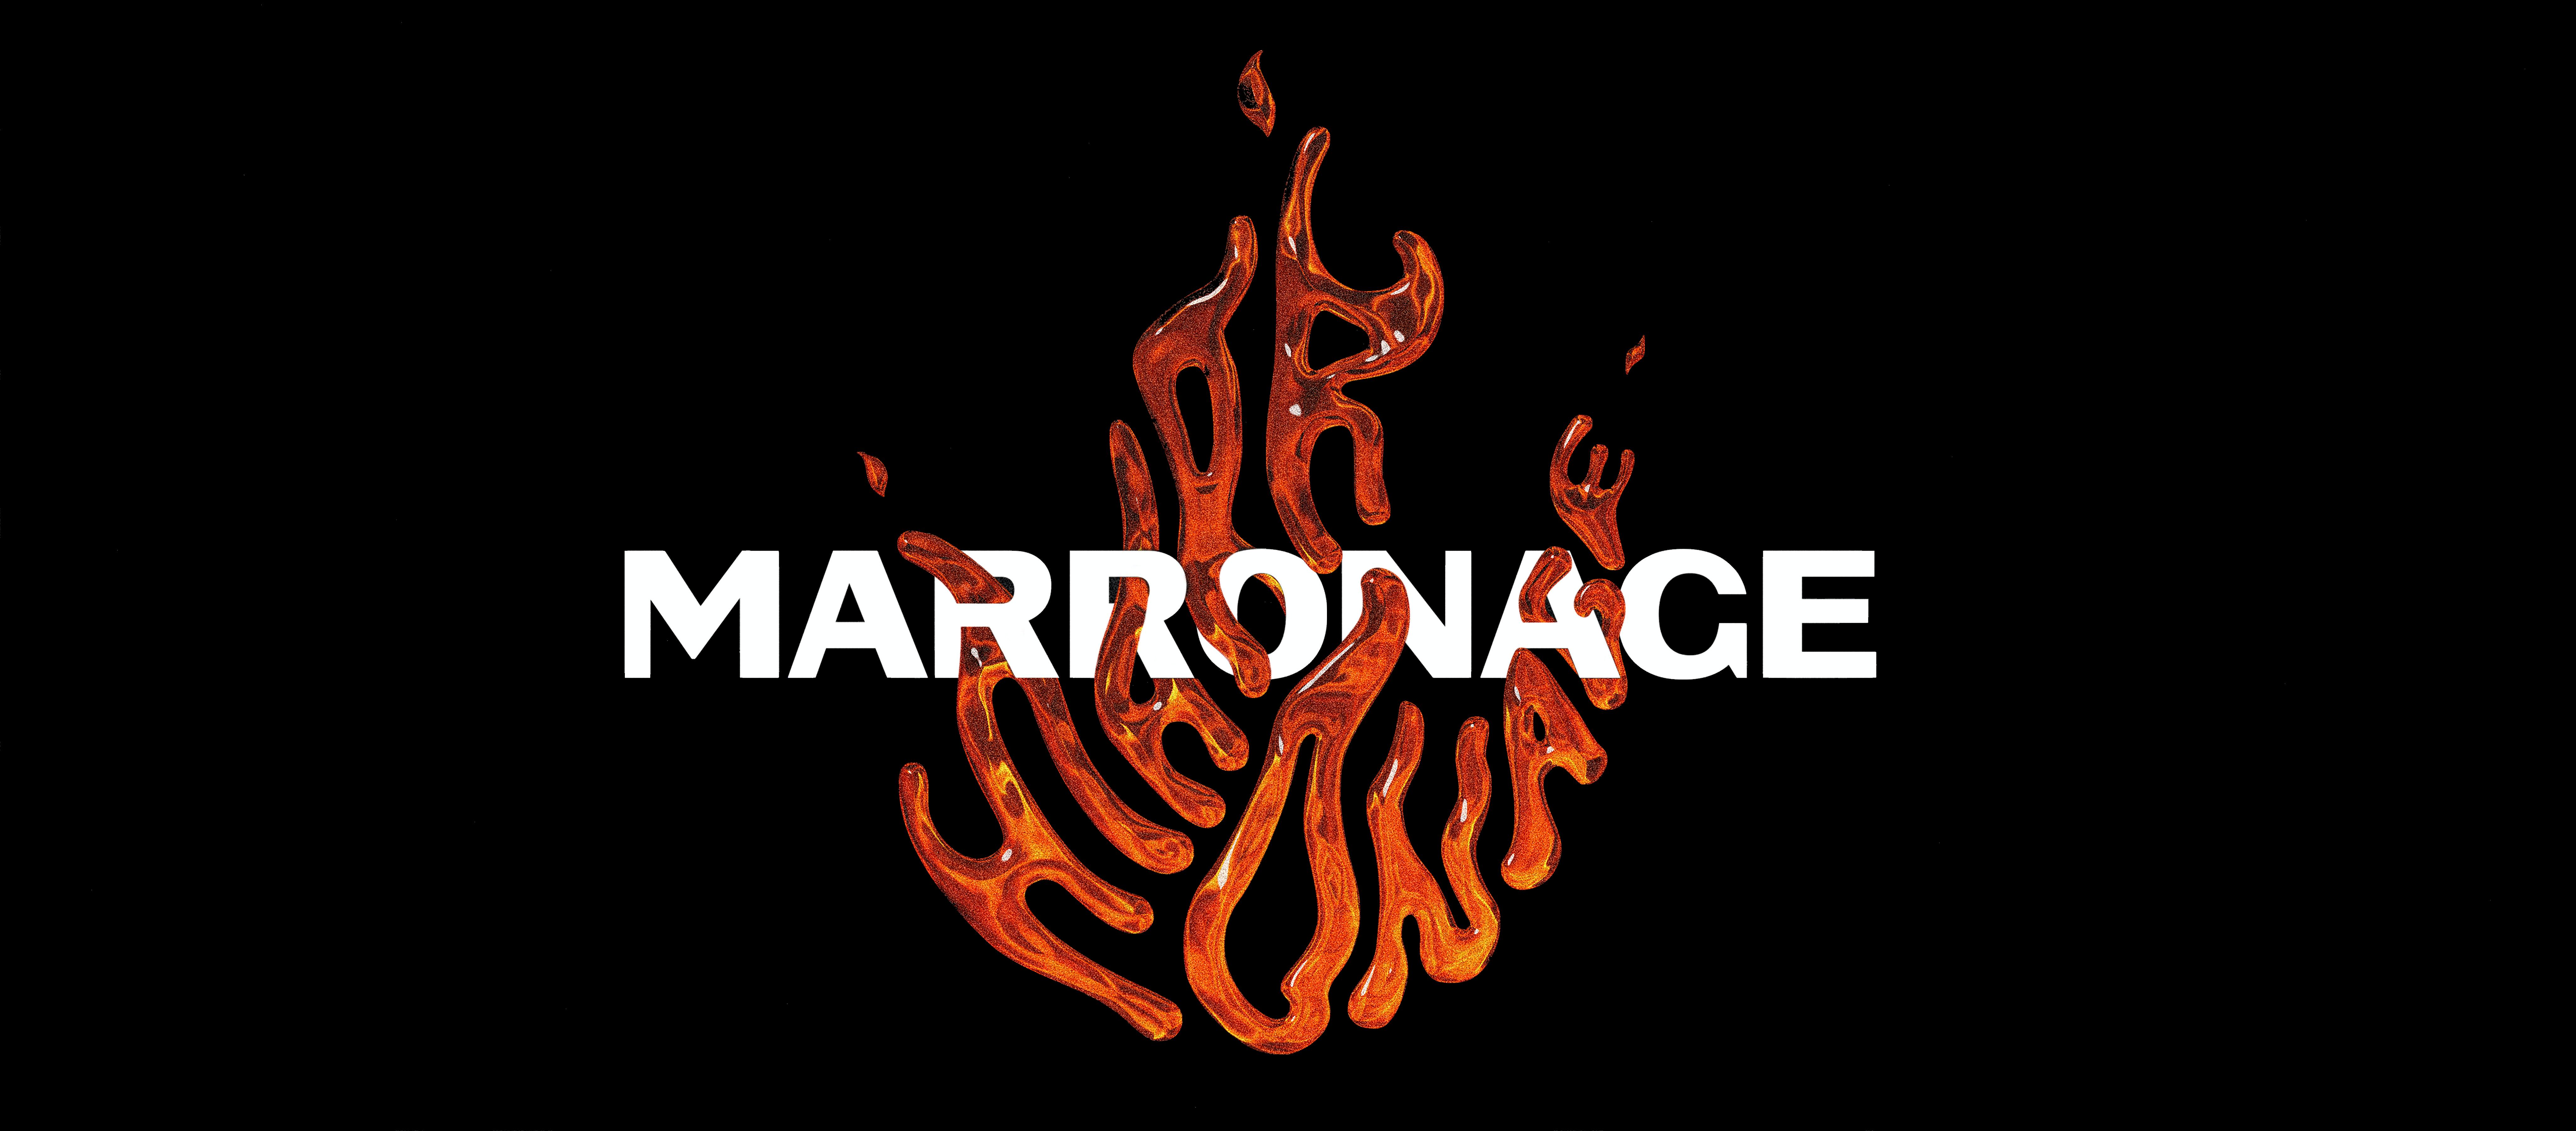 Marronage